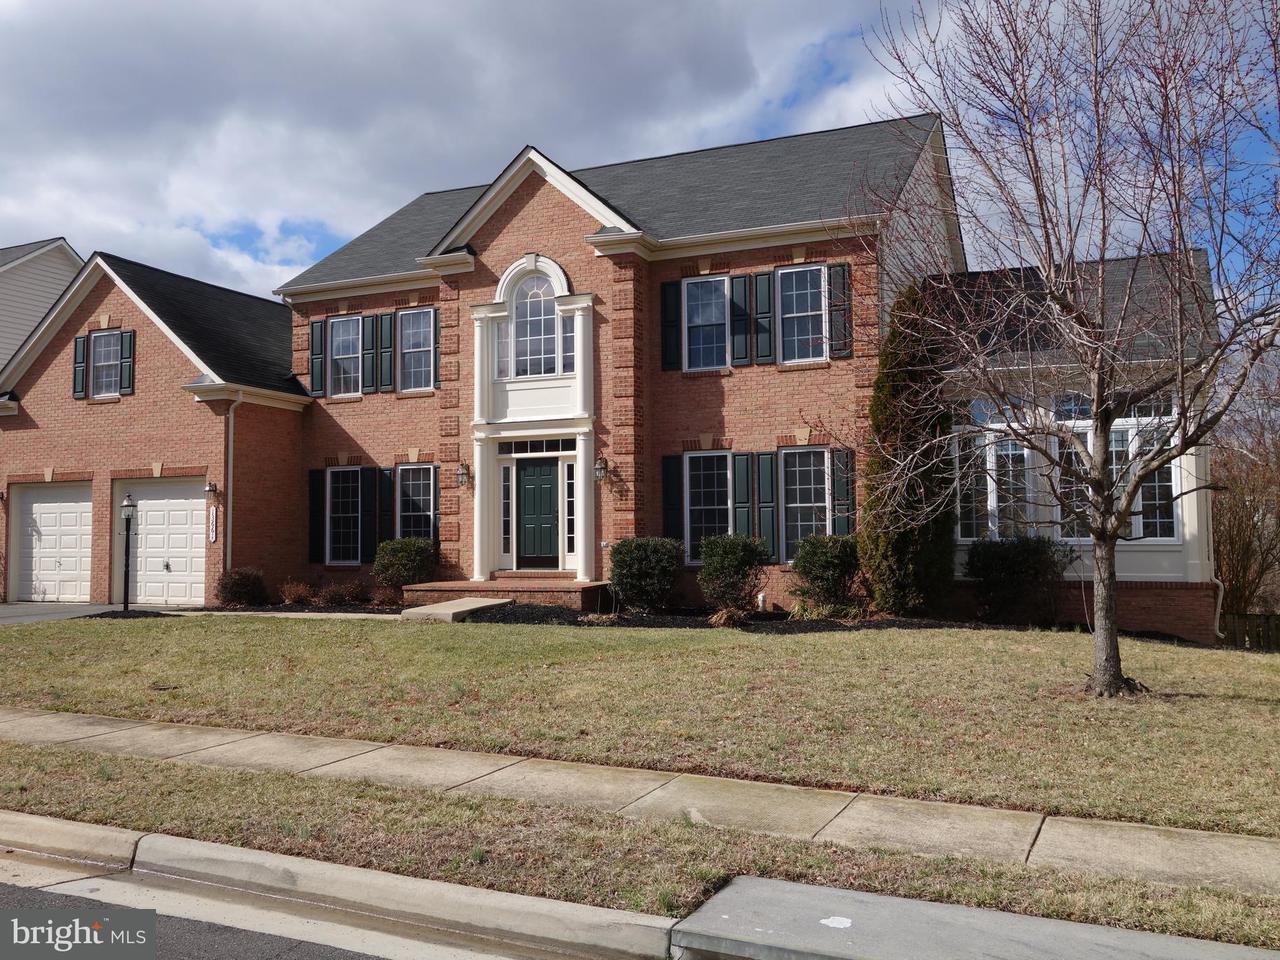 Частный односемейный дом для того Продажа на 13661 Newtonmore Place 13661 Newtonmore Place Bristow, Виргиния 20136 Соединенные Штаты